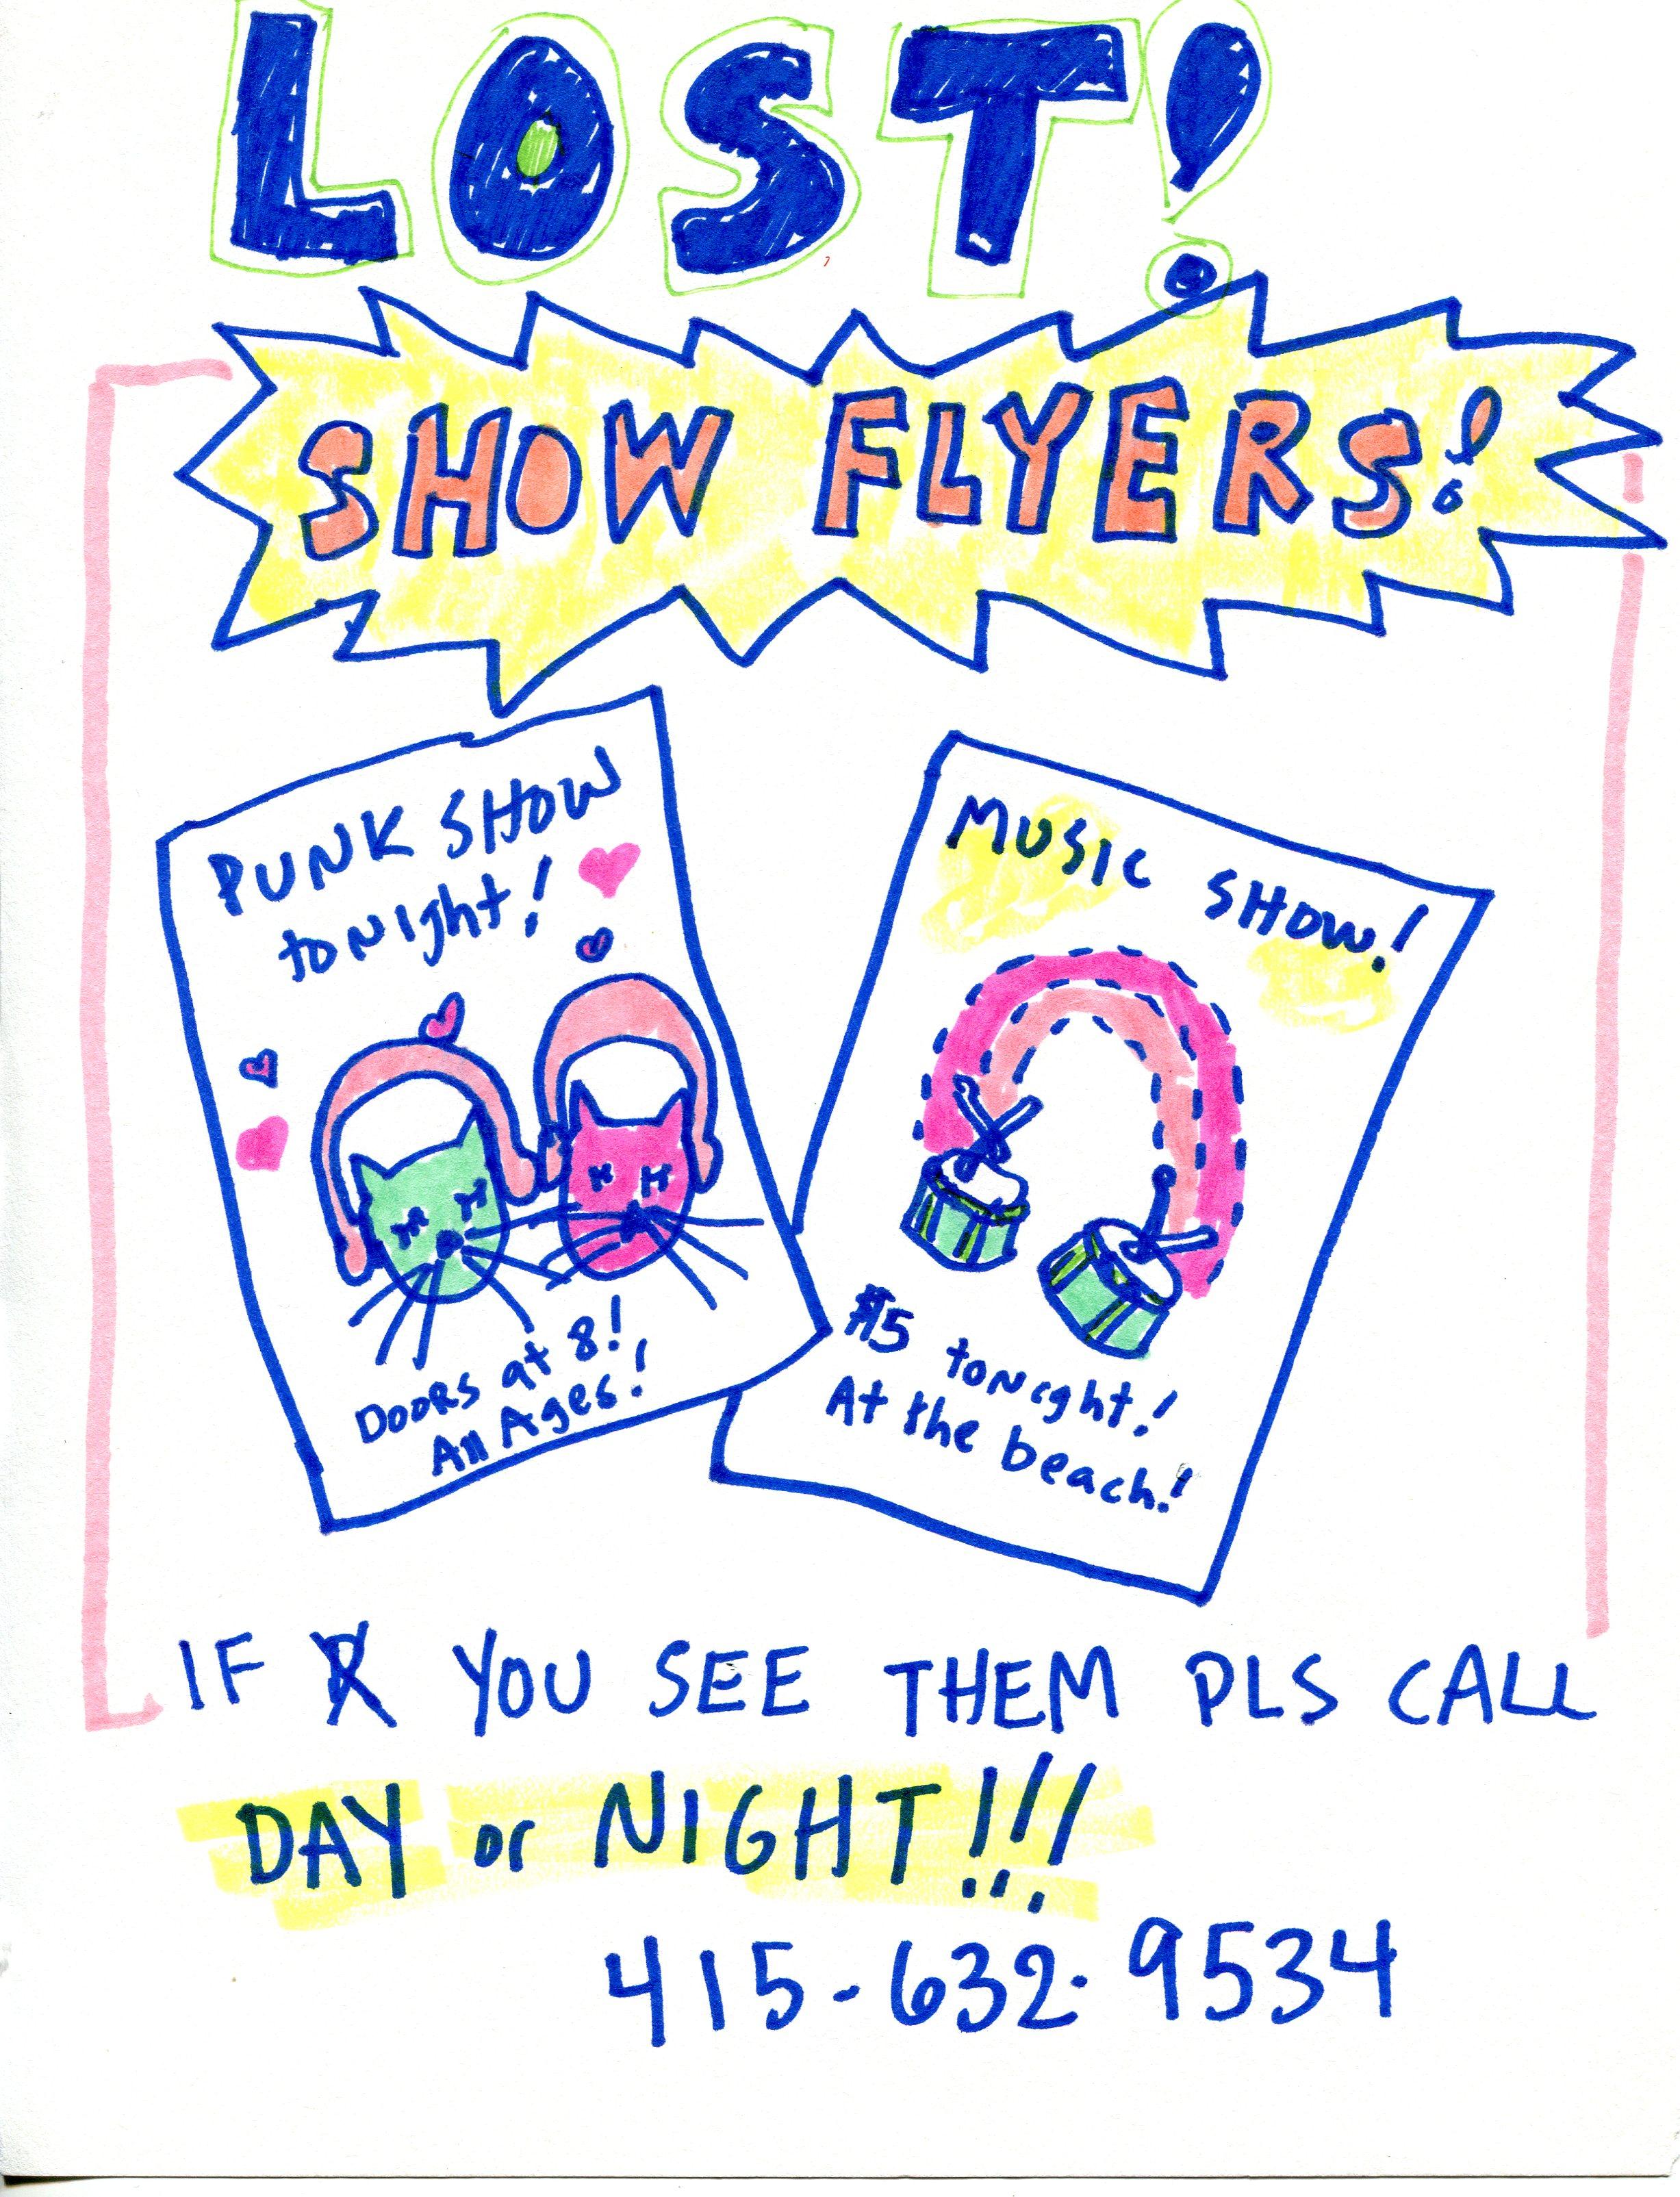 showflyers.jpg